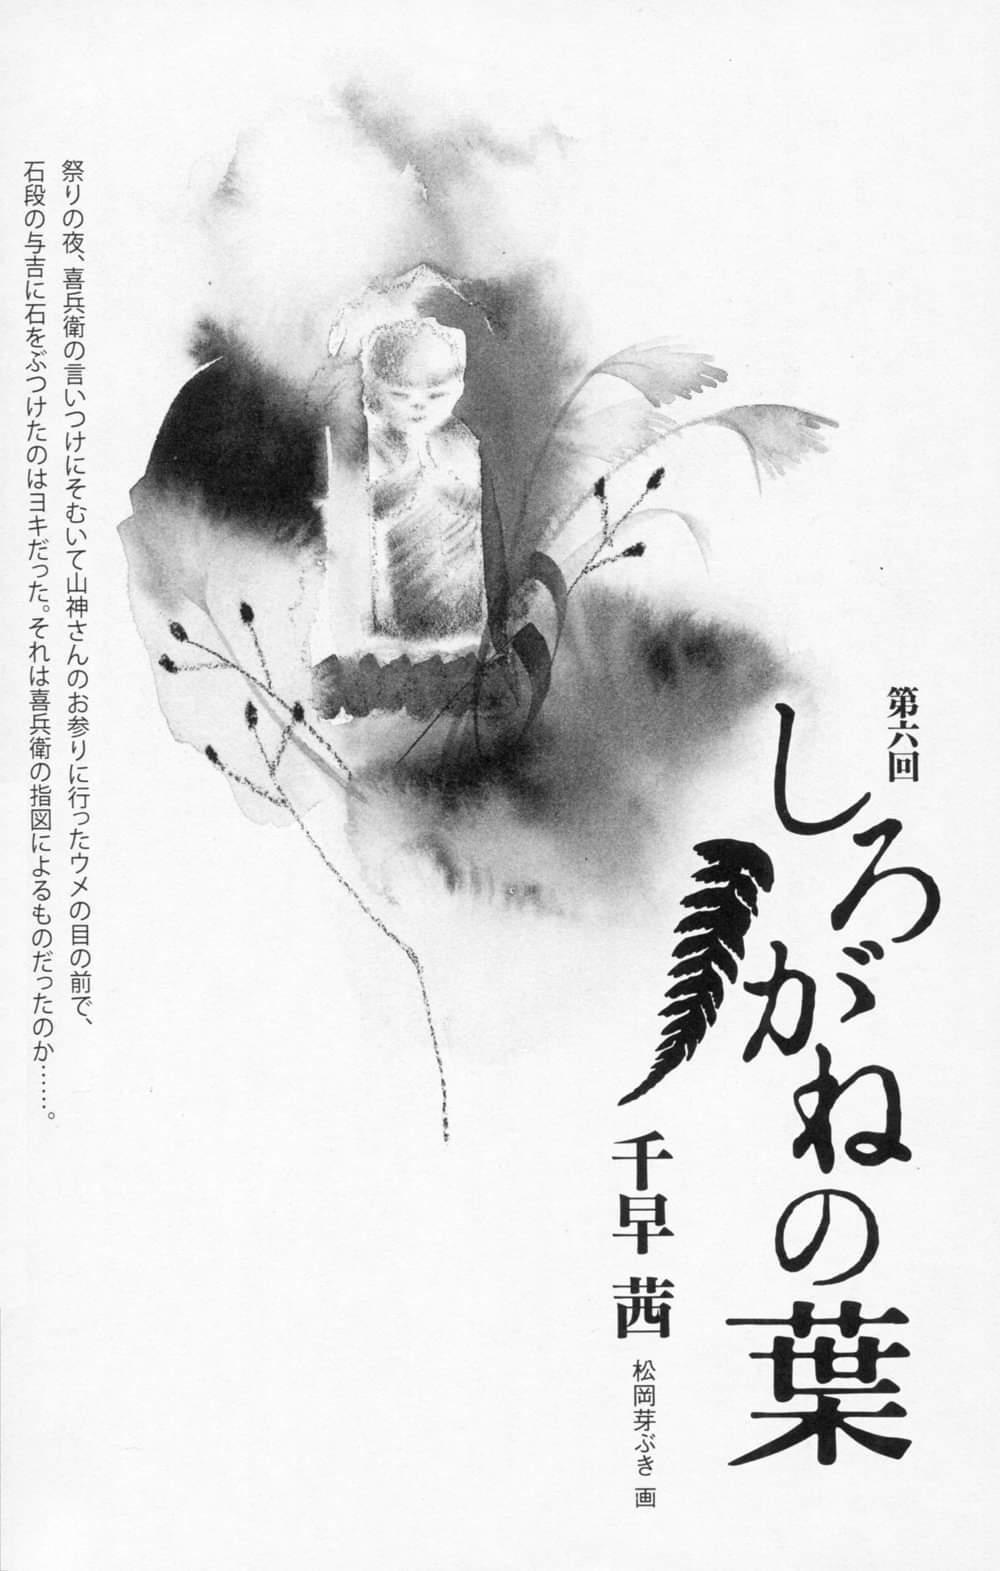 「小説新潮10月号」に連載中の千早茜さん作『しろがねの葉』に松岡芽ぶきさんの挿画_f0006713_08250093.jpg